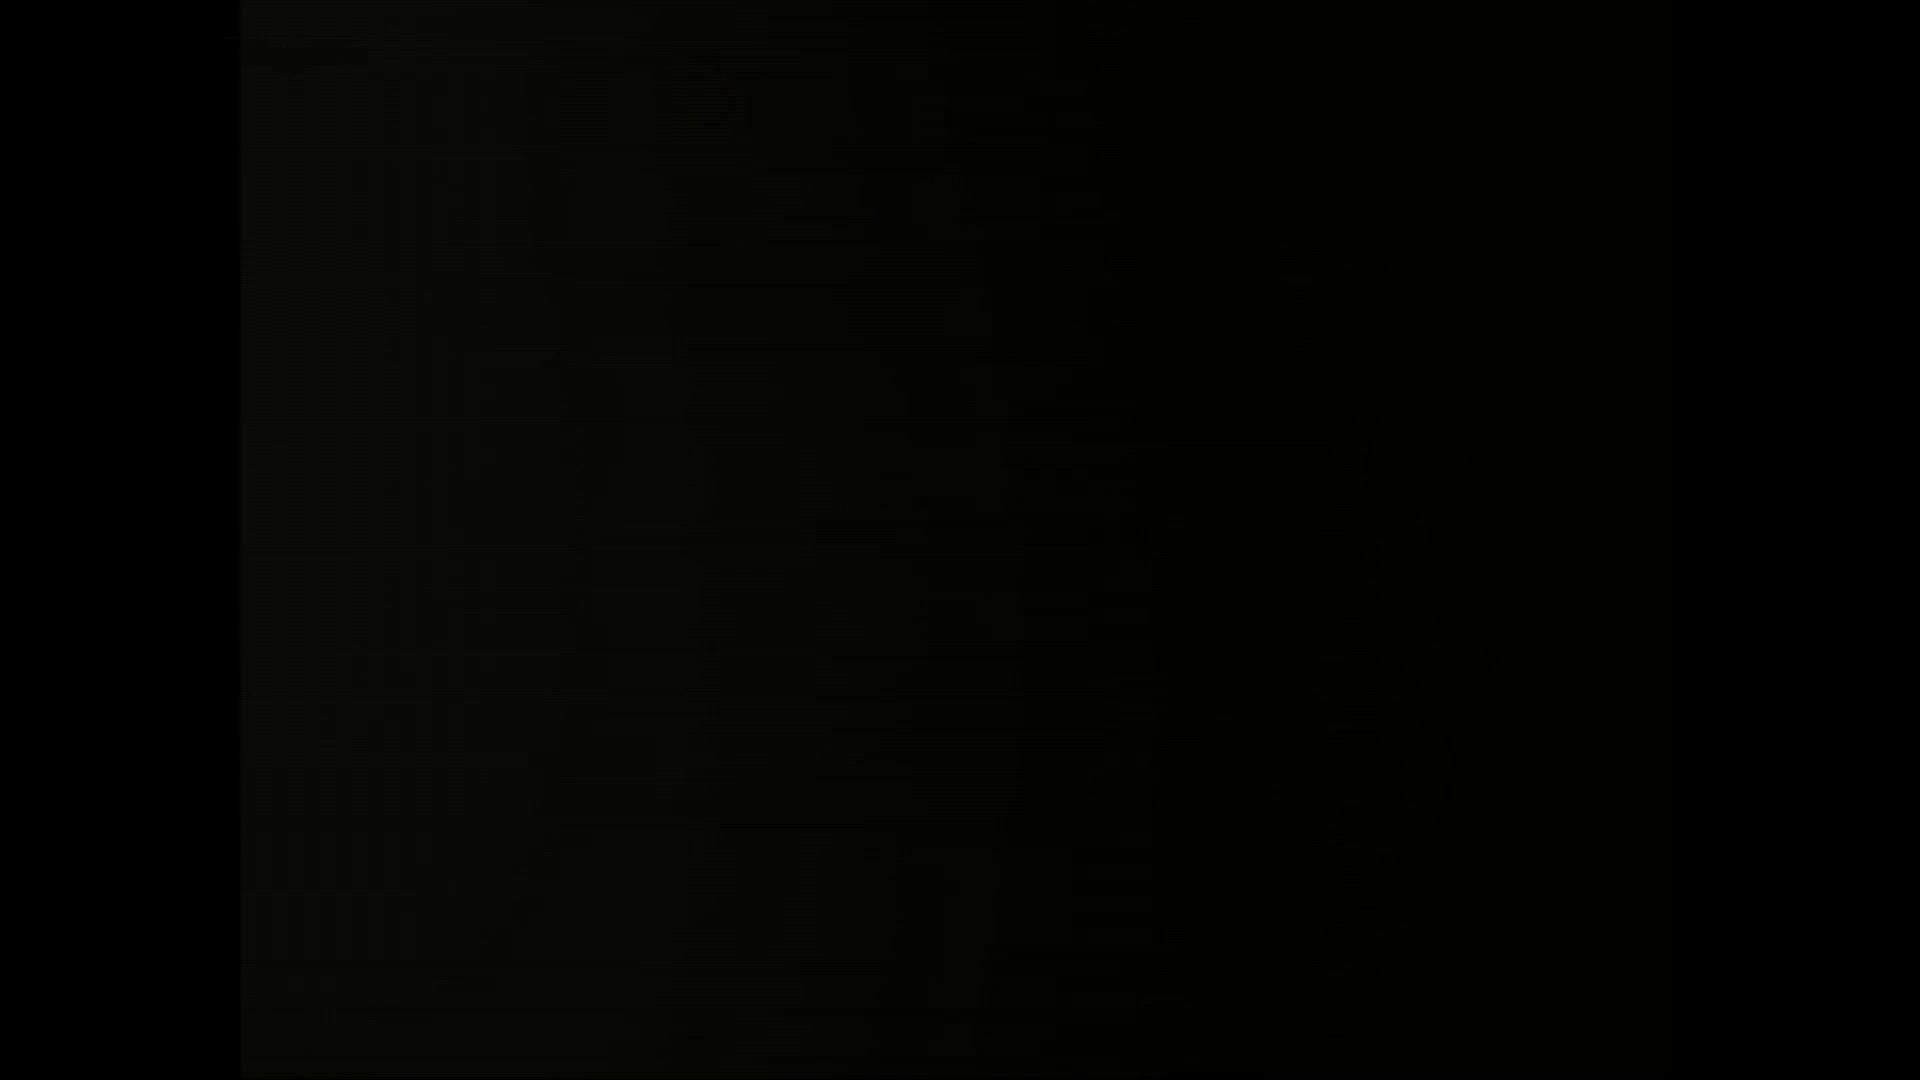 隙間からノゾク風呂 Vol.29 股をグイッとひらいて・・・。 入浴 ぱこり動画紹介 86連発 3